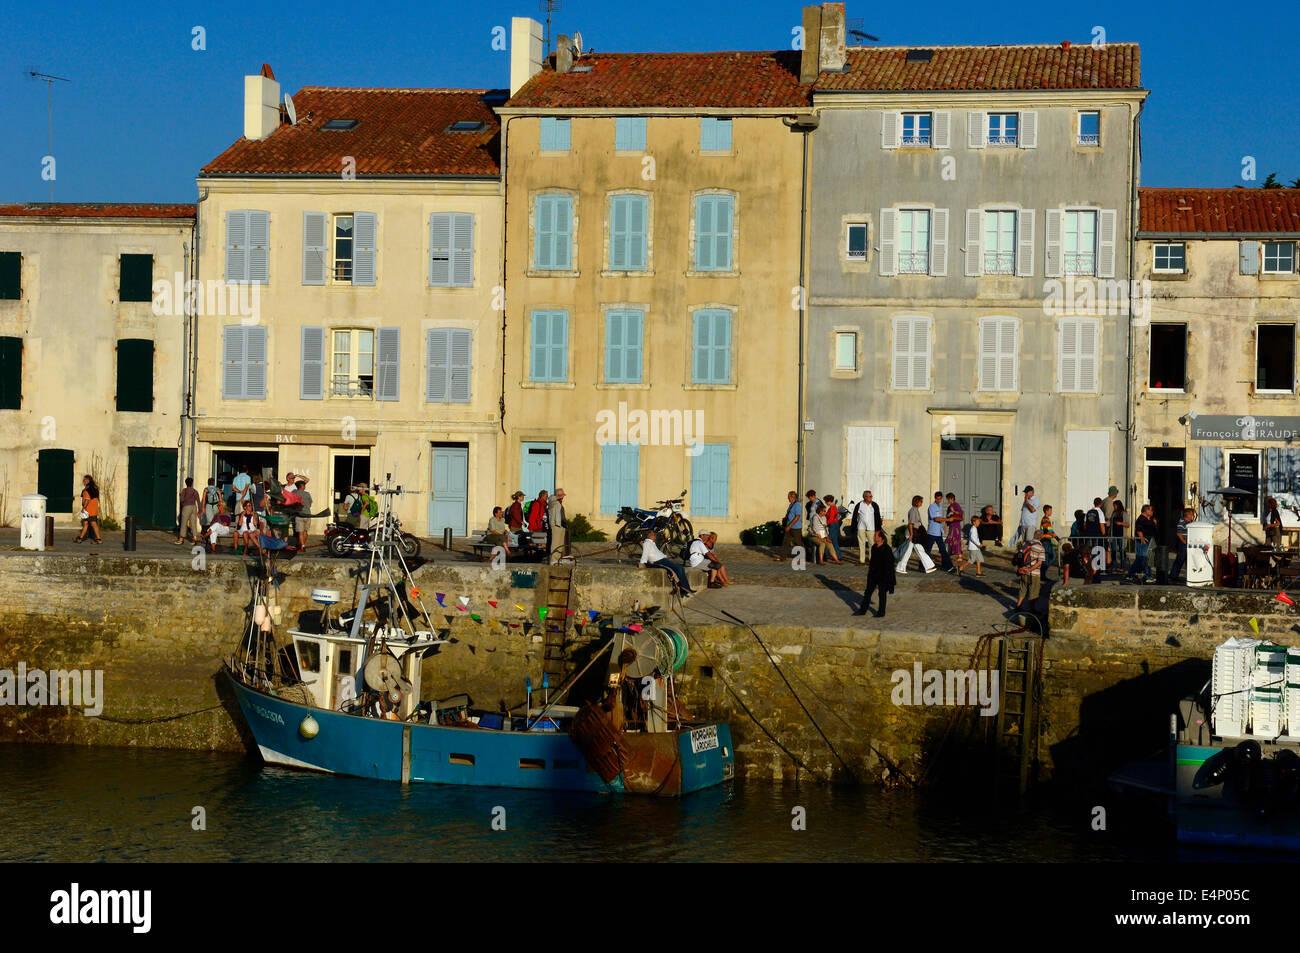 Saint Martin de Re on Ile de Re. Poitou-Charentes region of France. - Stock Image